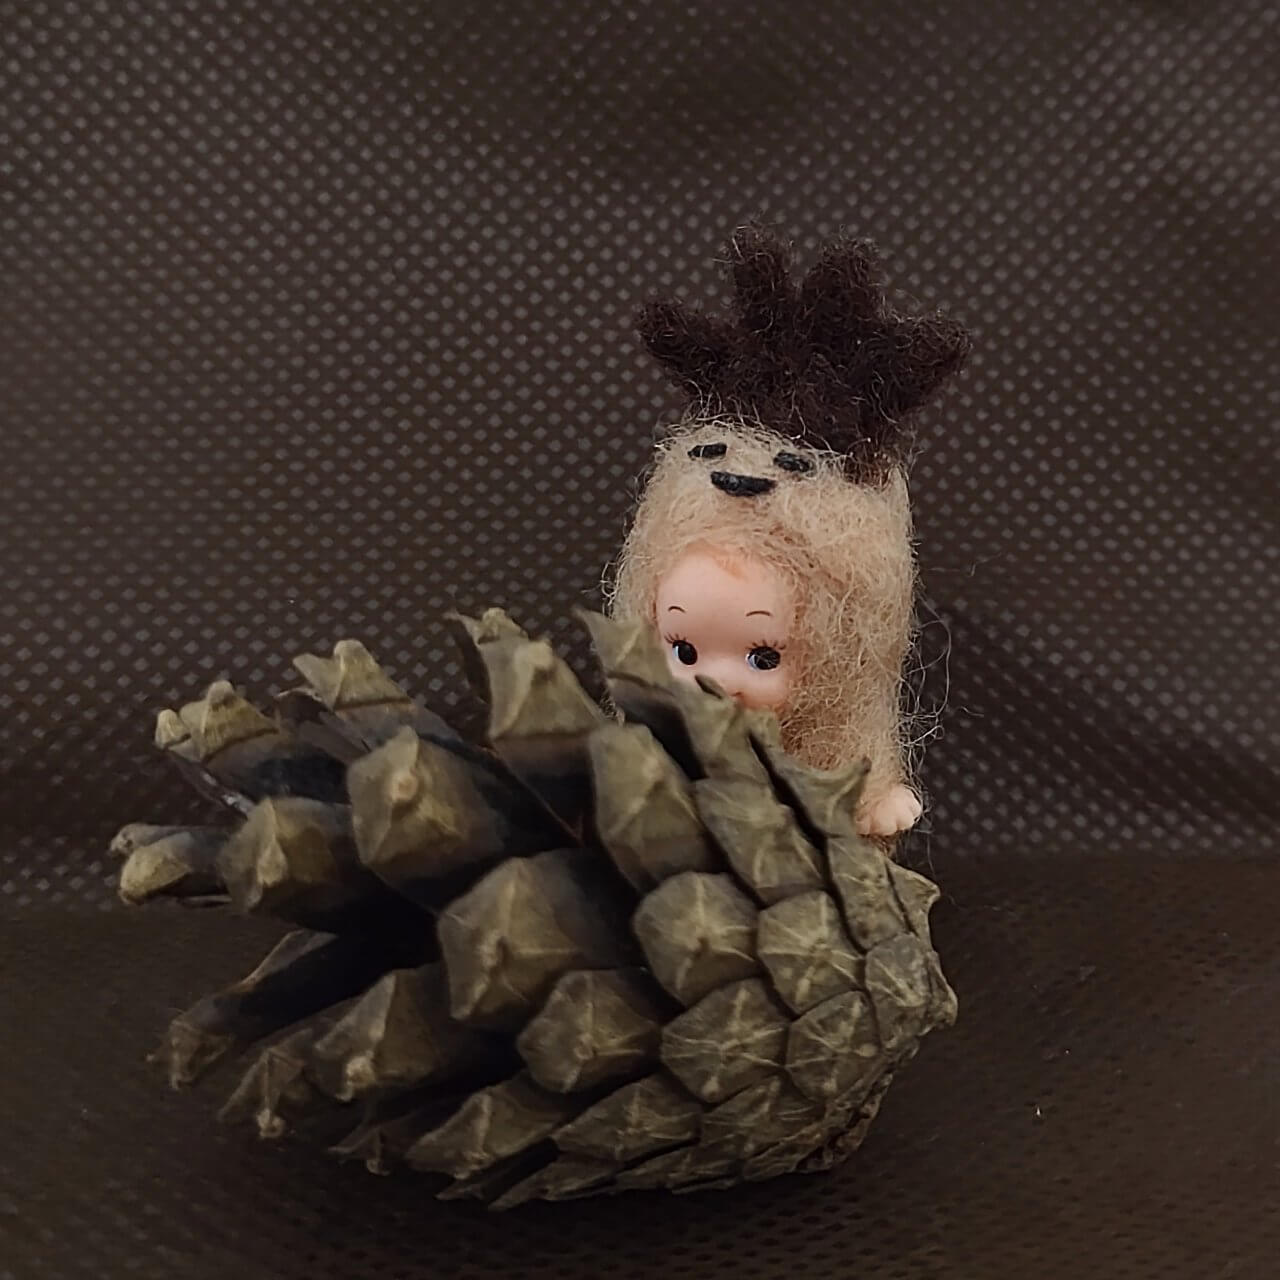 北の妖怪展の作品-水無月リナ作品画像